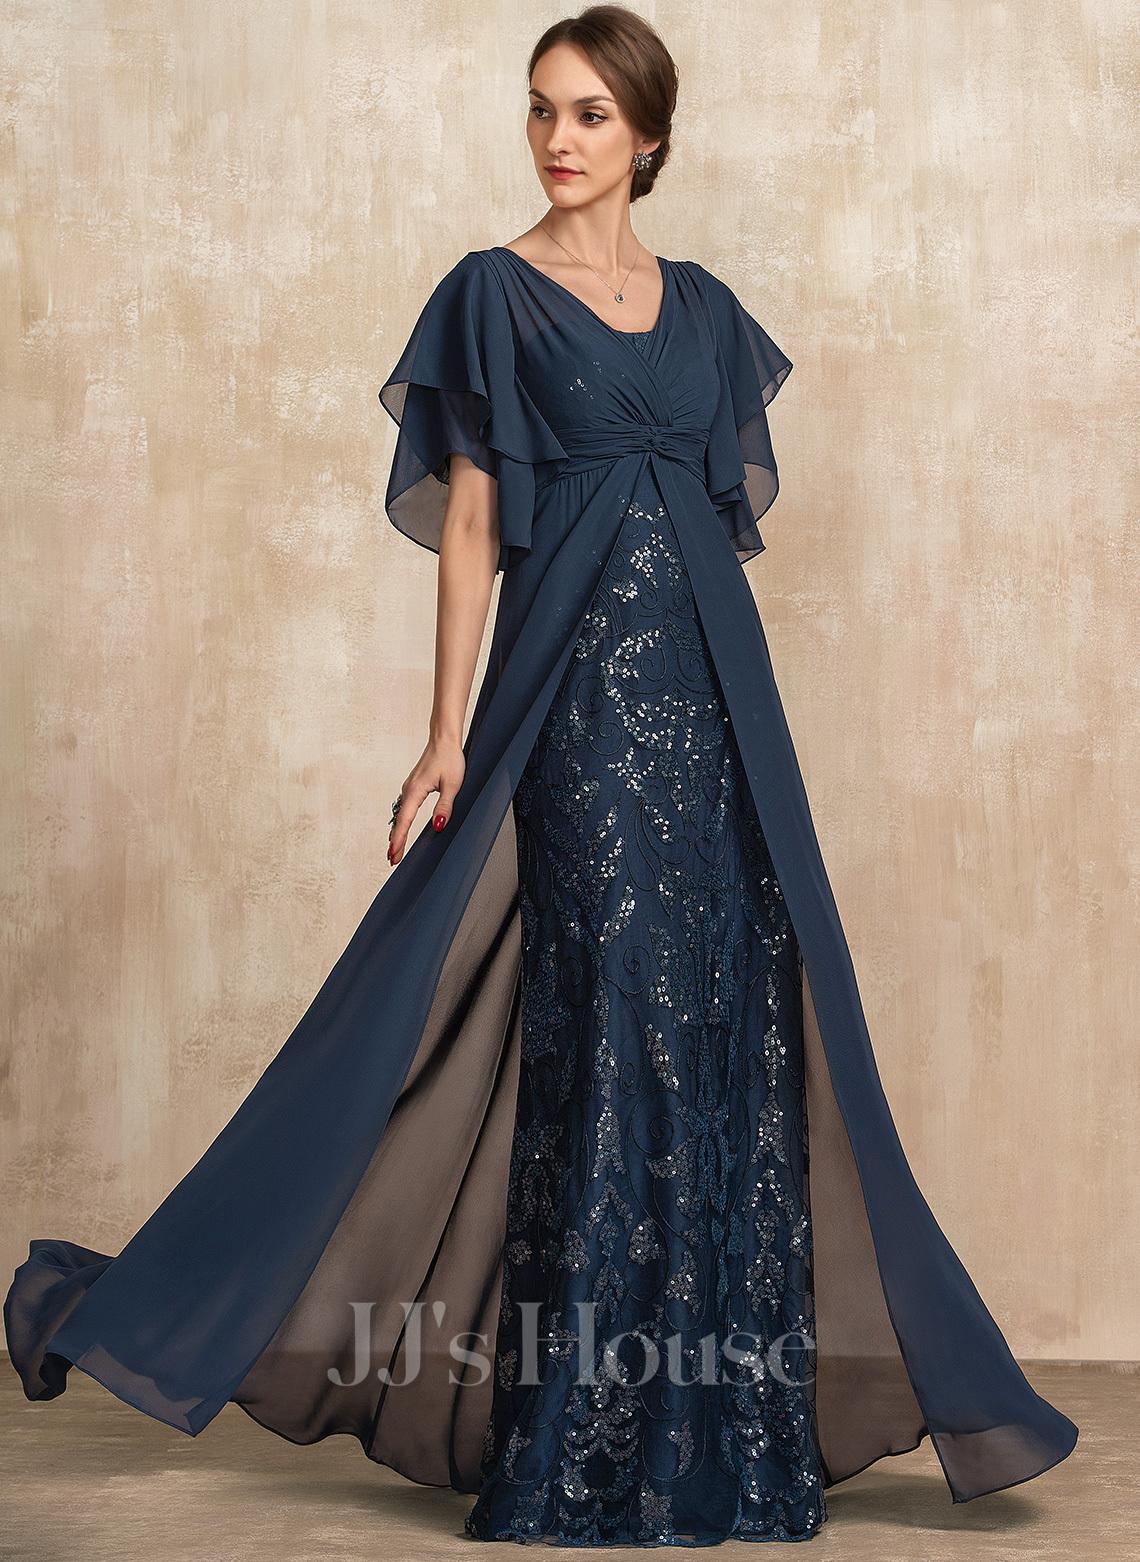 Платье-чехол V-образный Длина до пола шифон Кружева Вечерние Платье с Рябь блестки